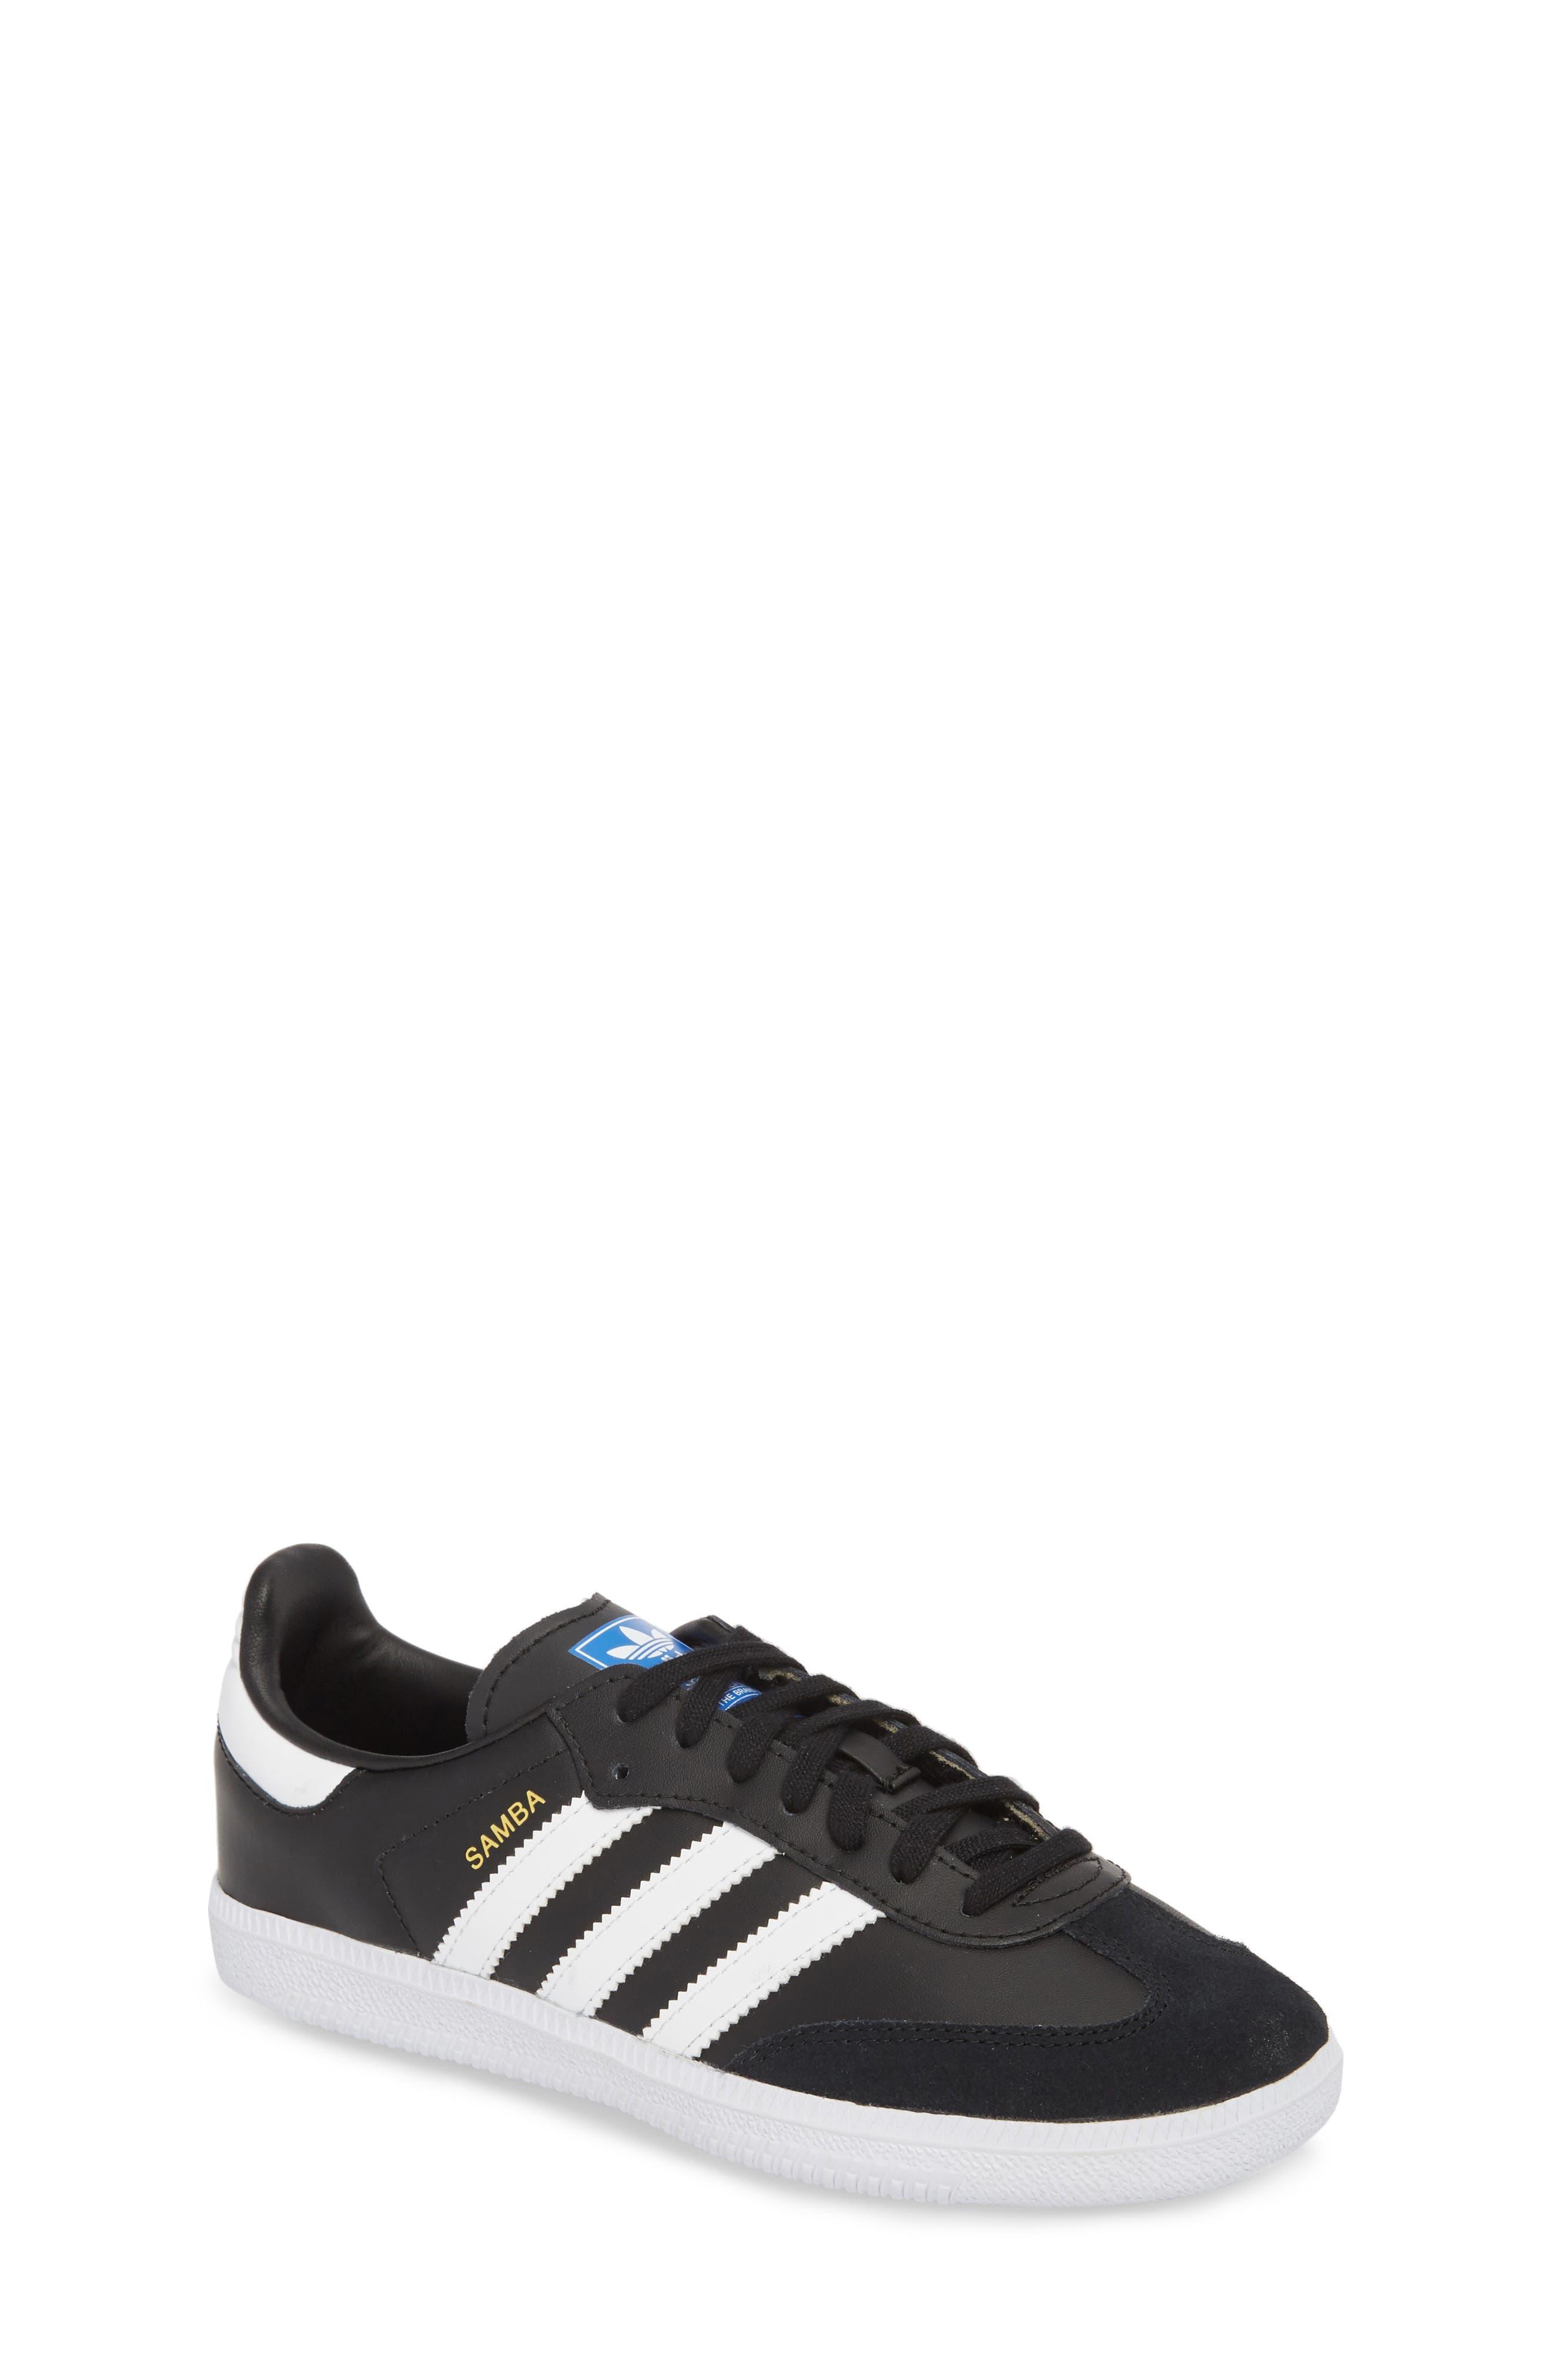 Samba OG Sneaker,                             Main thumbnail 1, color,                             001